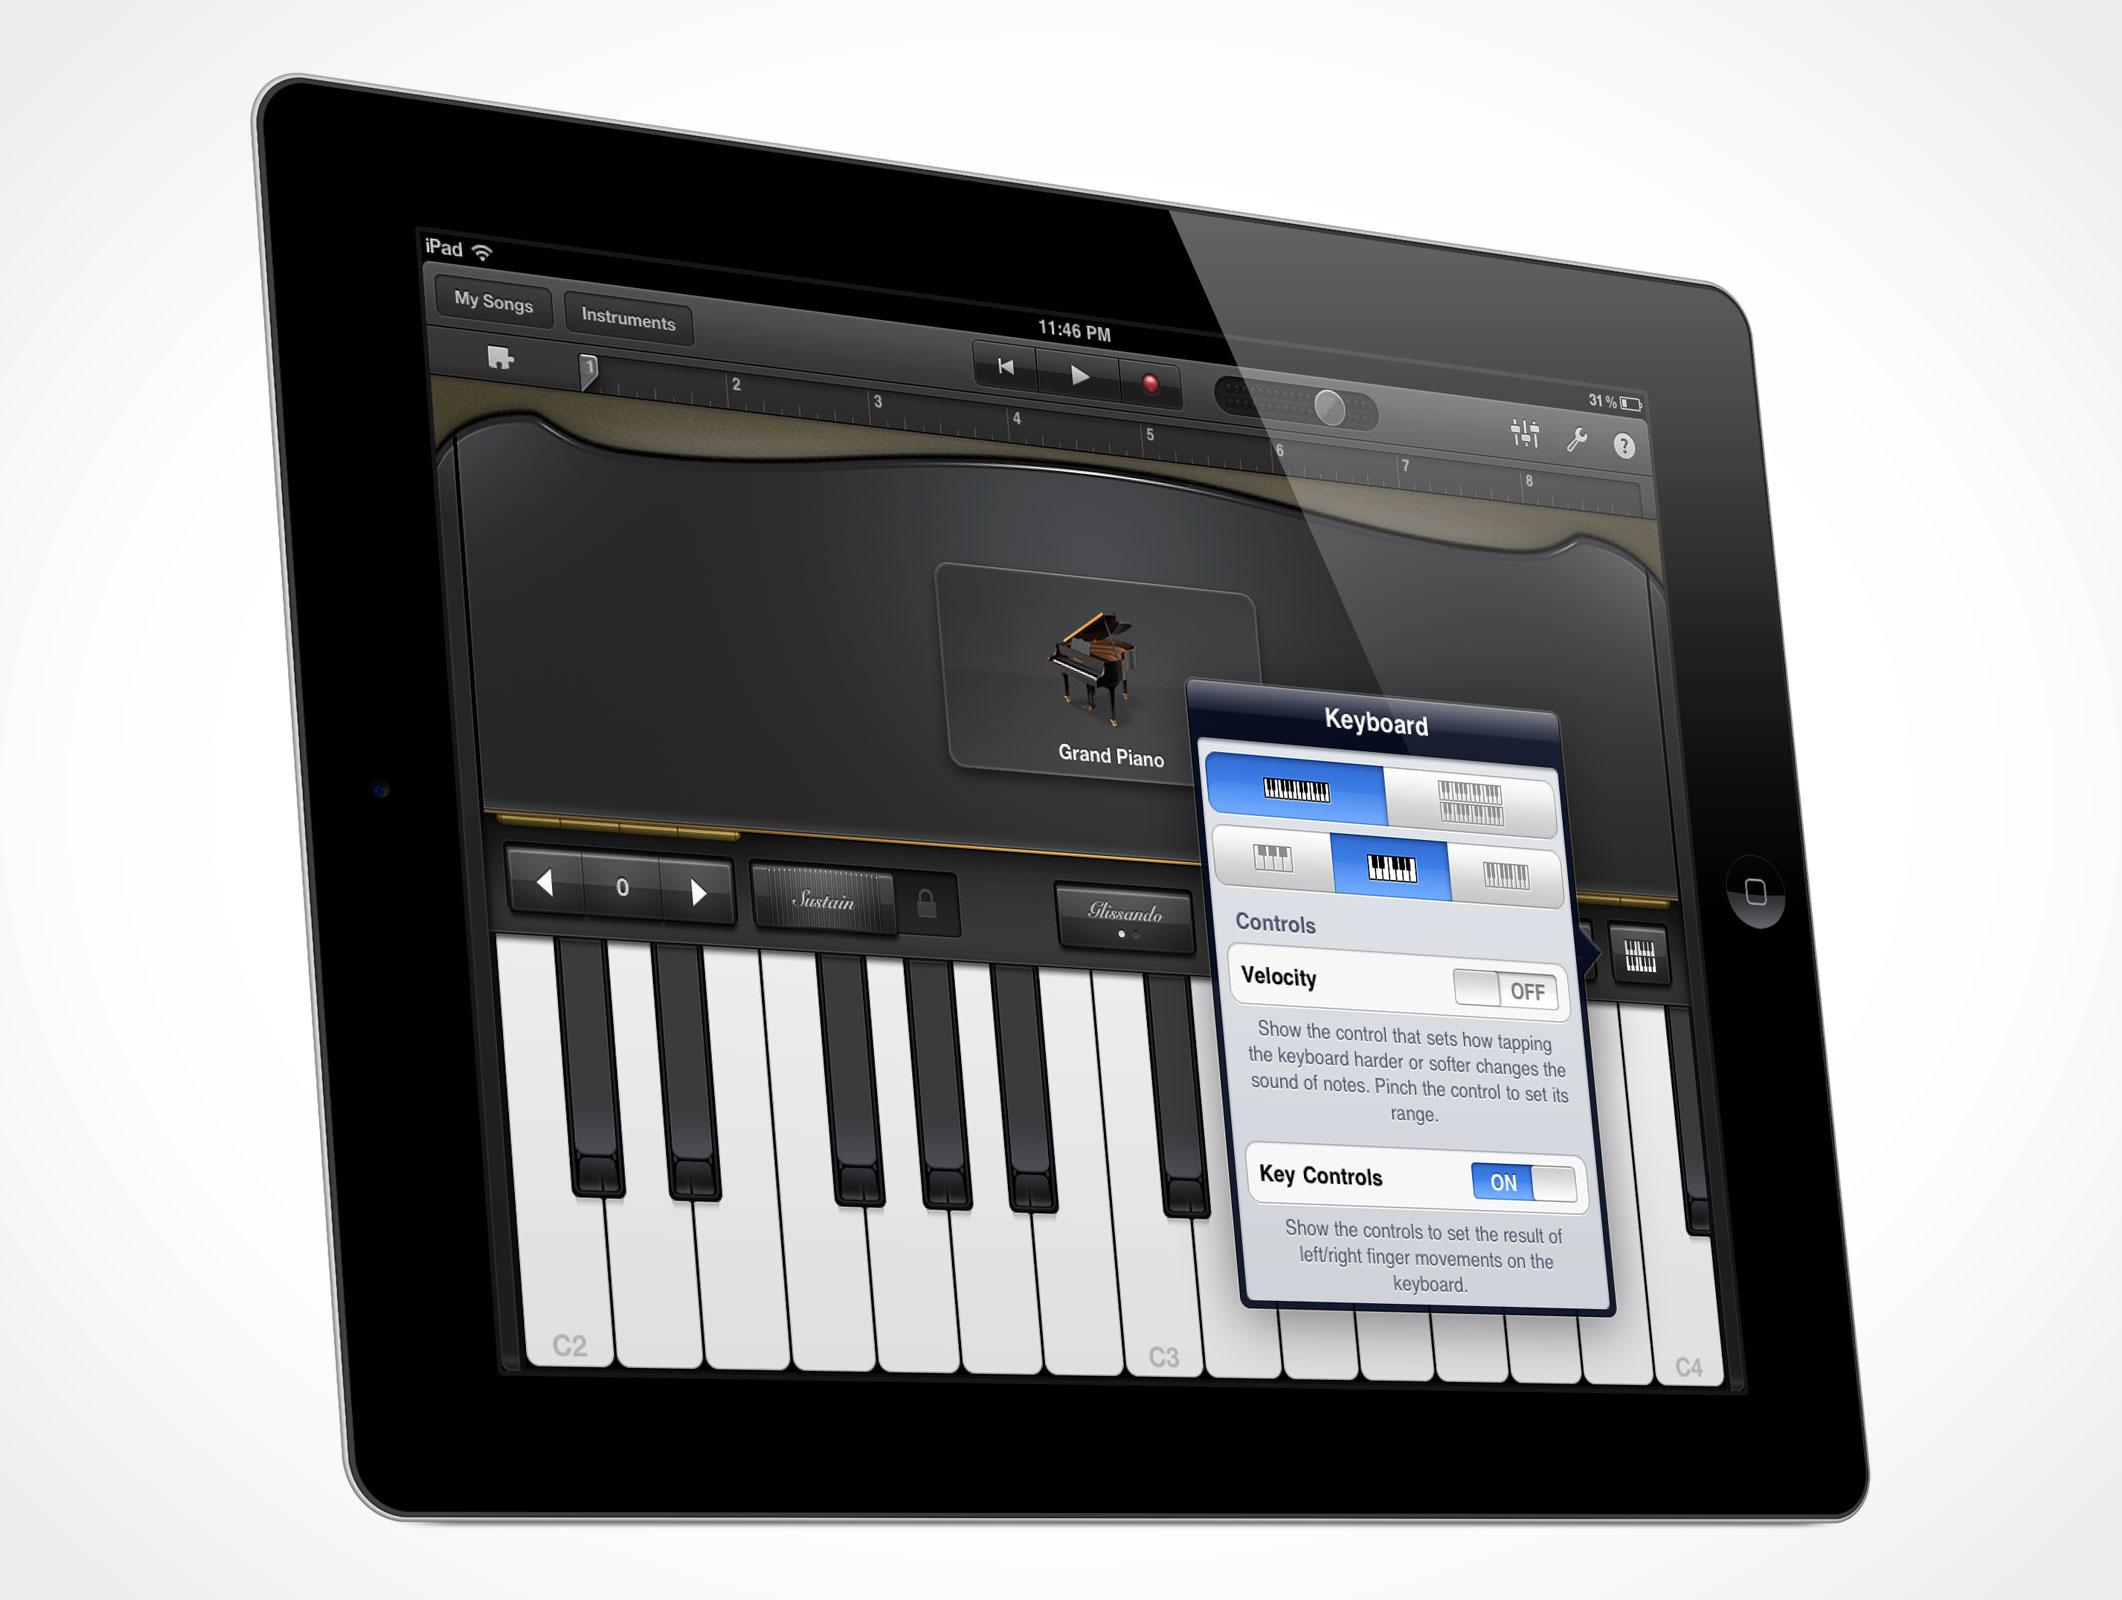 Jesuspad012 market your psd mockups for ipad - 1536x2048 ipad ...